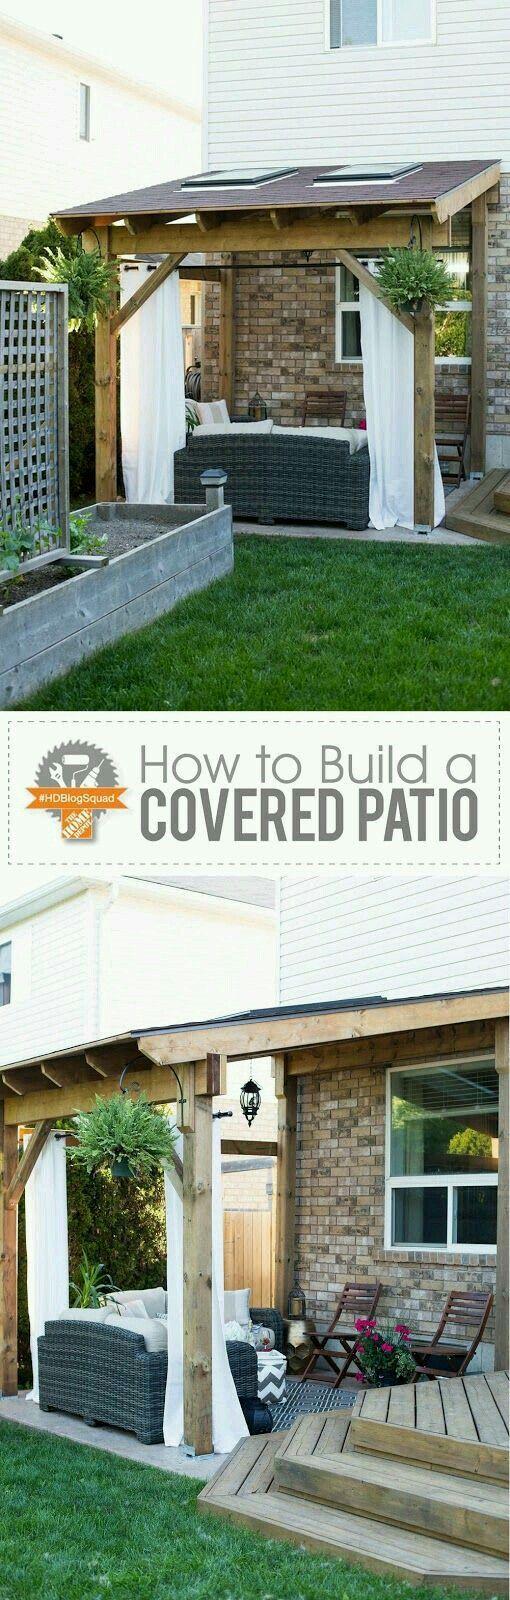 20 best Patio Overhang images on Pinterest   Backyard ... on Backyard Overhang Ideas id=38496